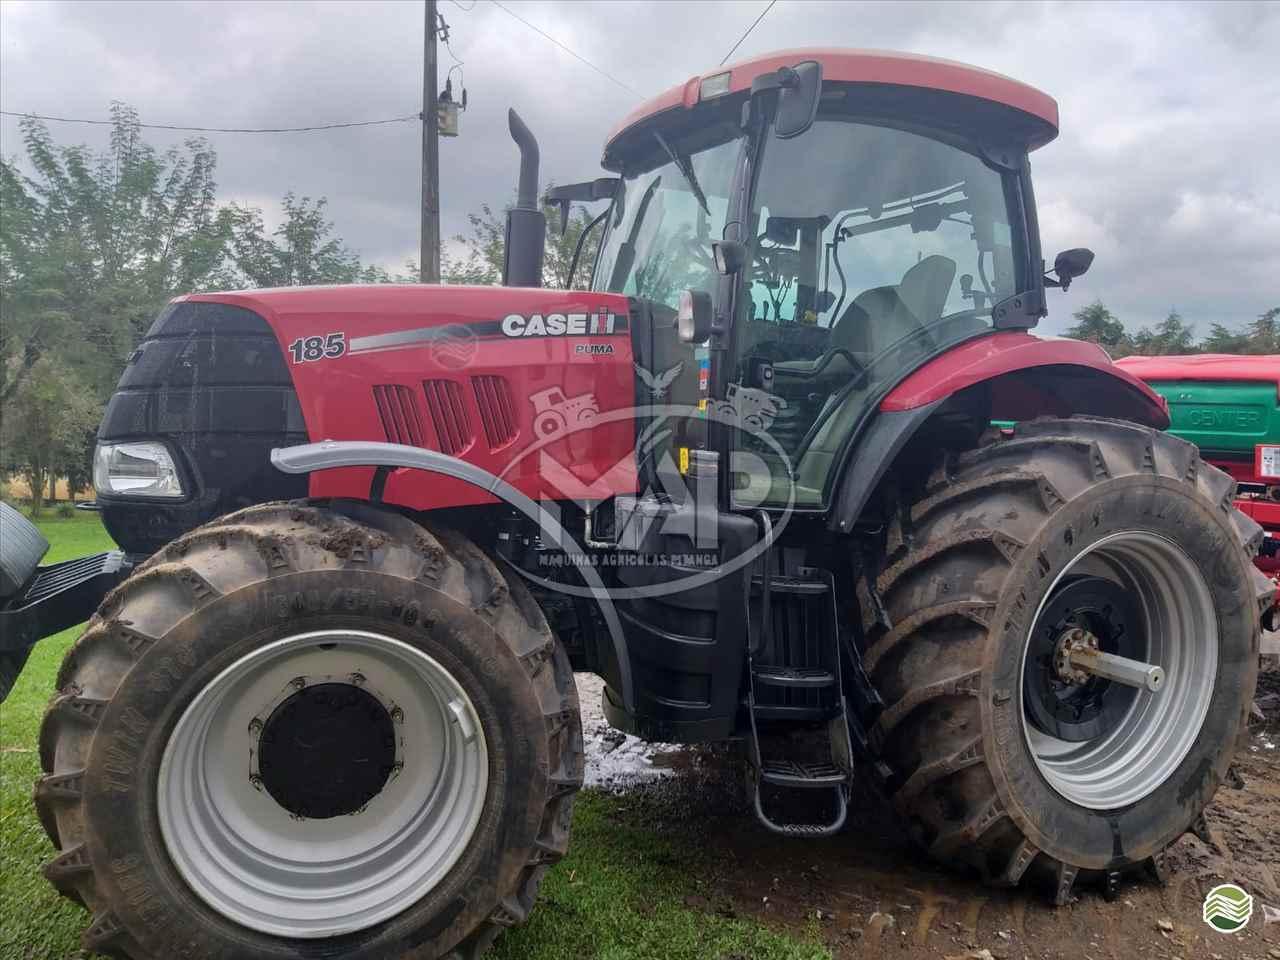 TRATOR CASE PUMA 185 Tração 4x4 Máquinas Agrícolas Pitanga PITANGA PARANÁ PR